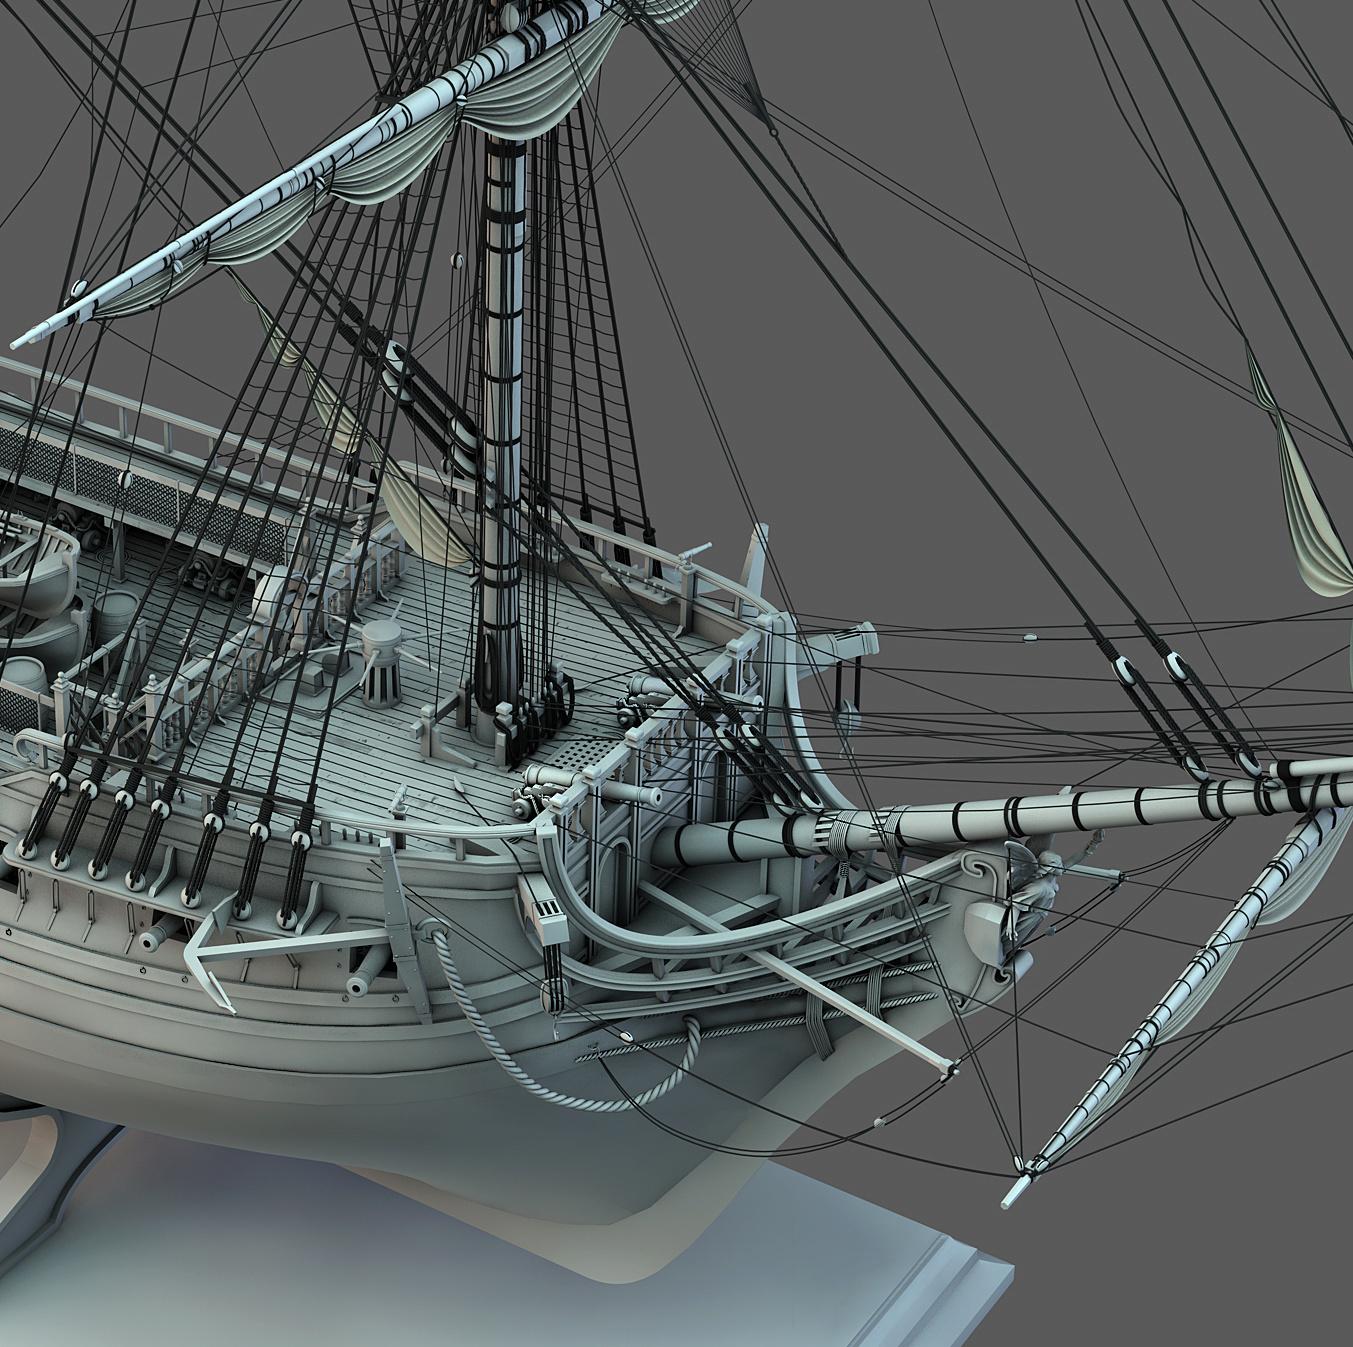 Frégate 3D de 36 canons - Page 4 Frzoga36